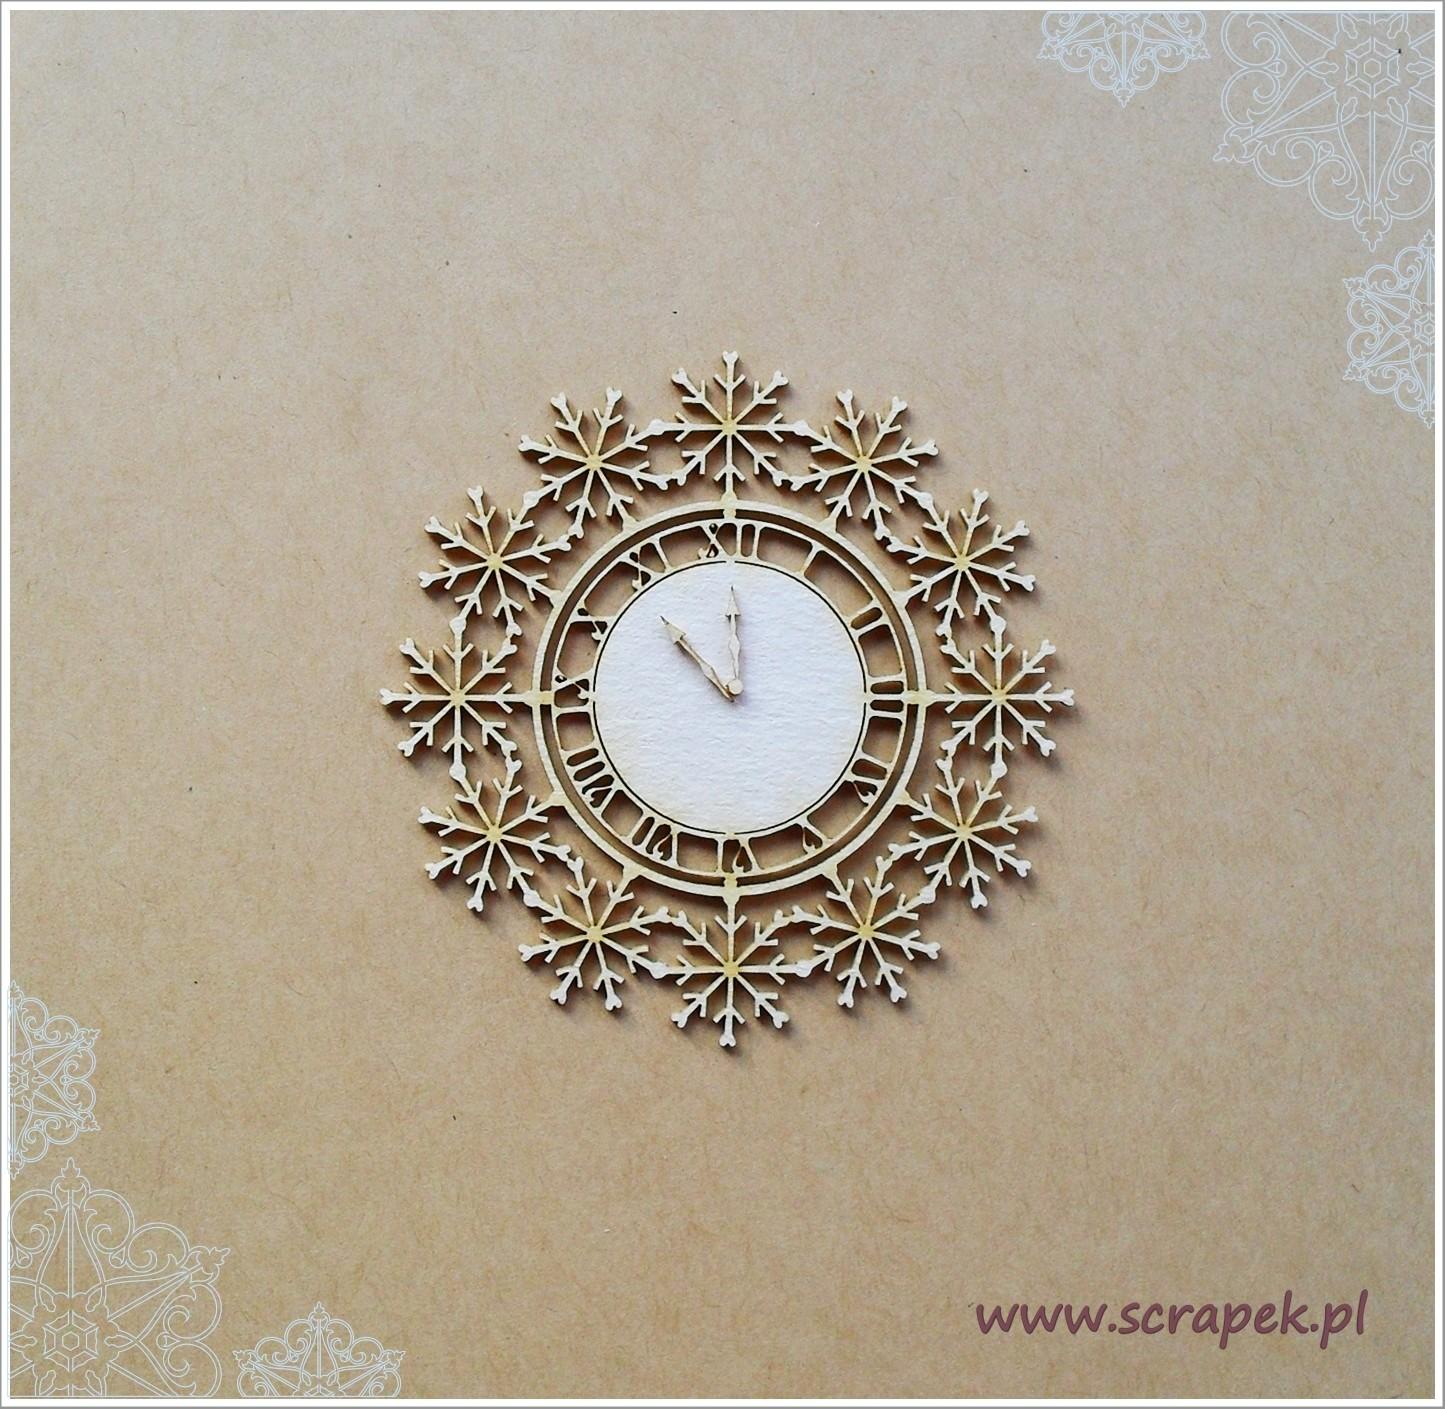 Snowflake Clock